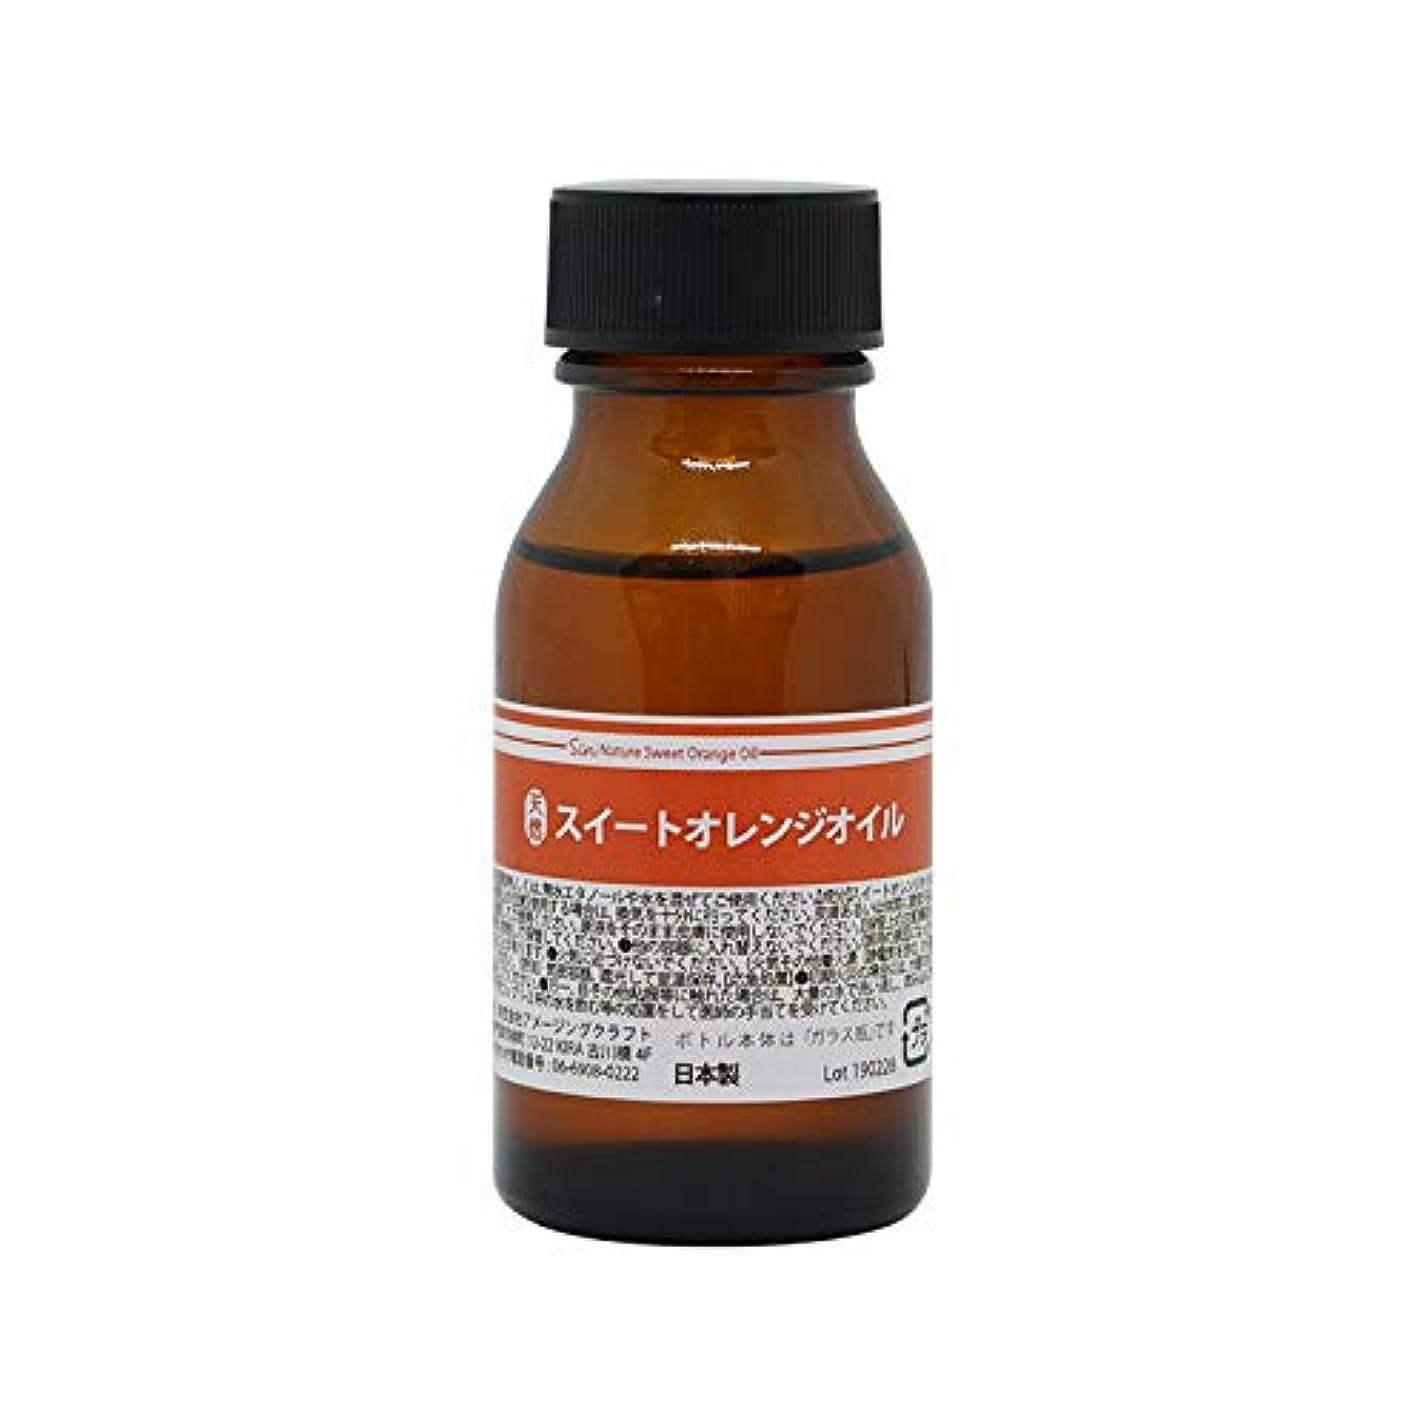 リーン羊のセール天然100% スイートオレンジオイル 50ml (オレンジスイート) エッセンシャルオイル